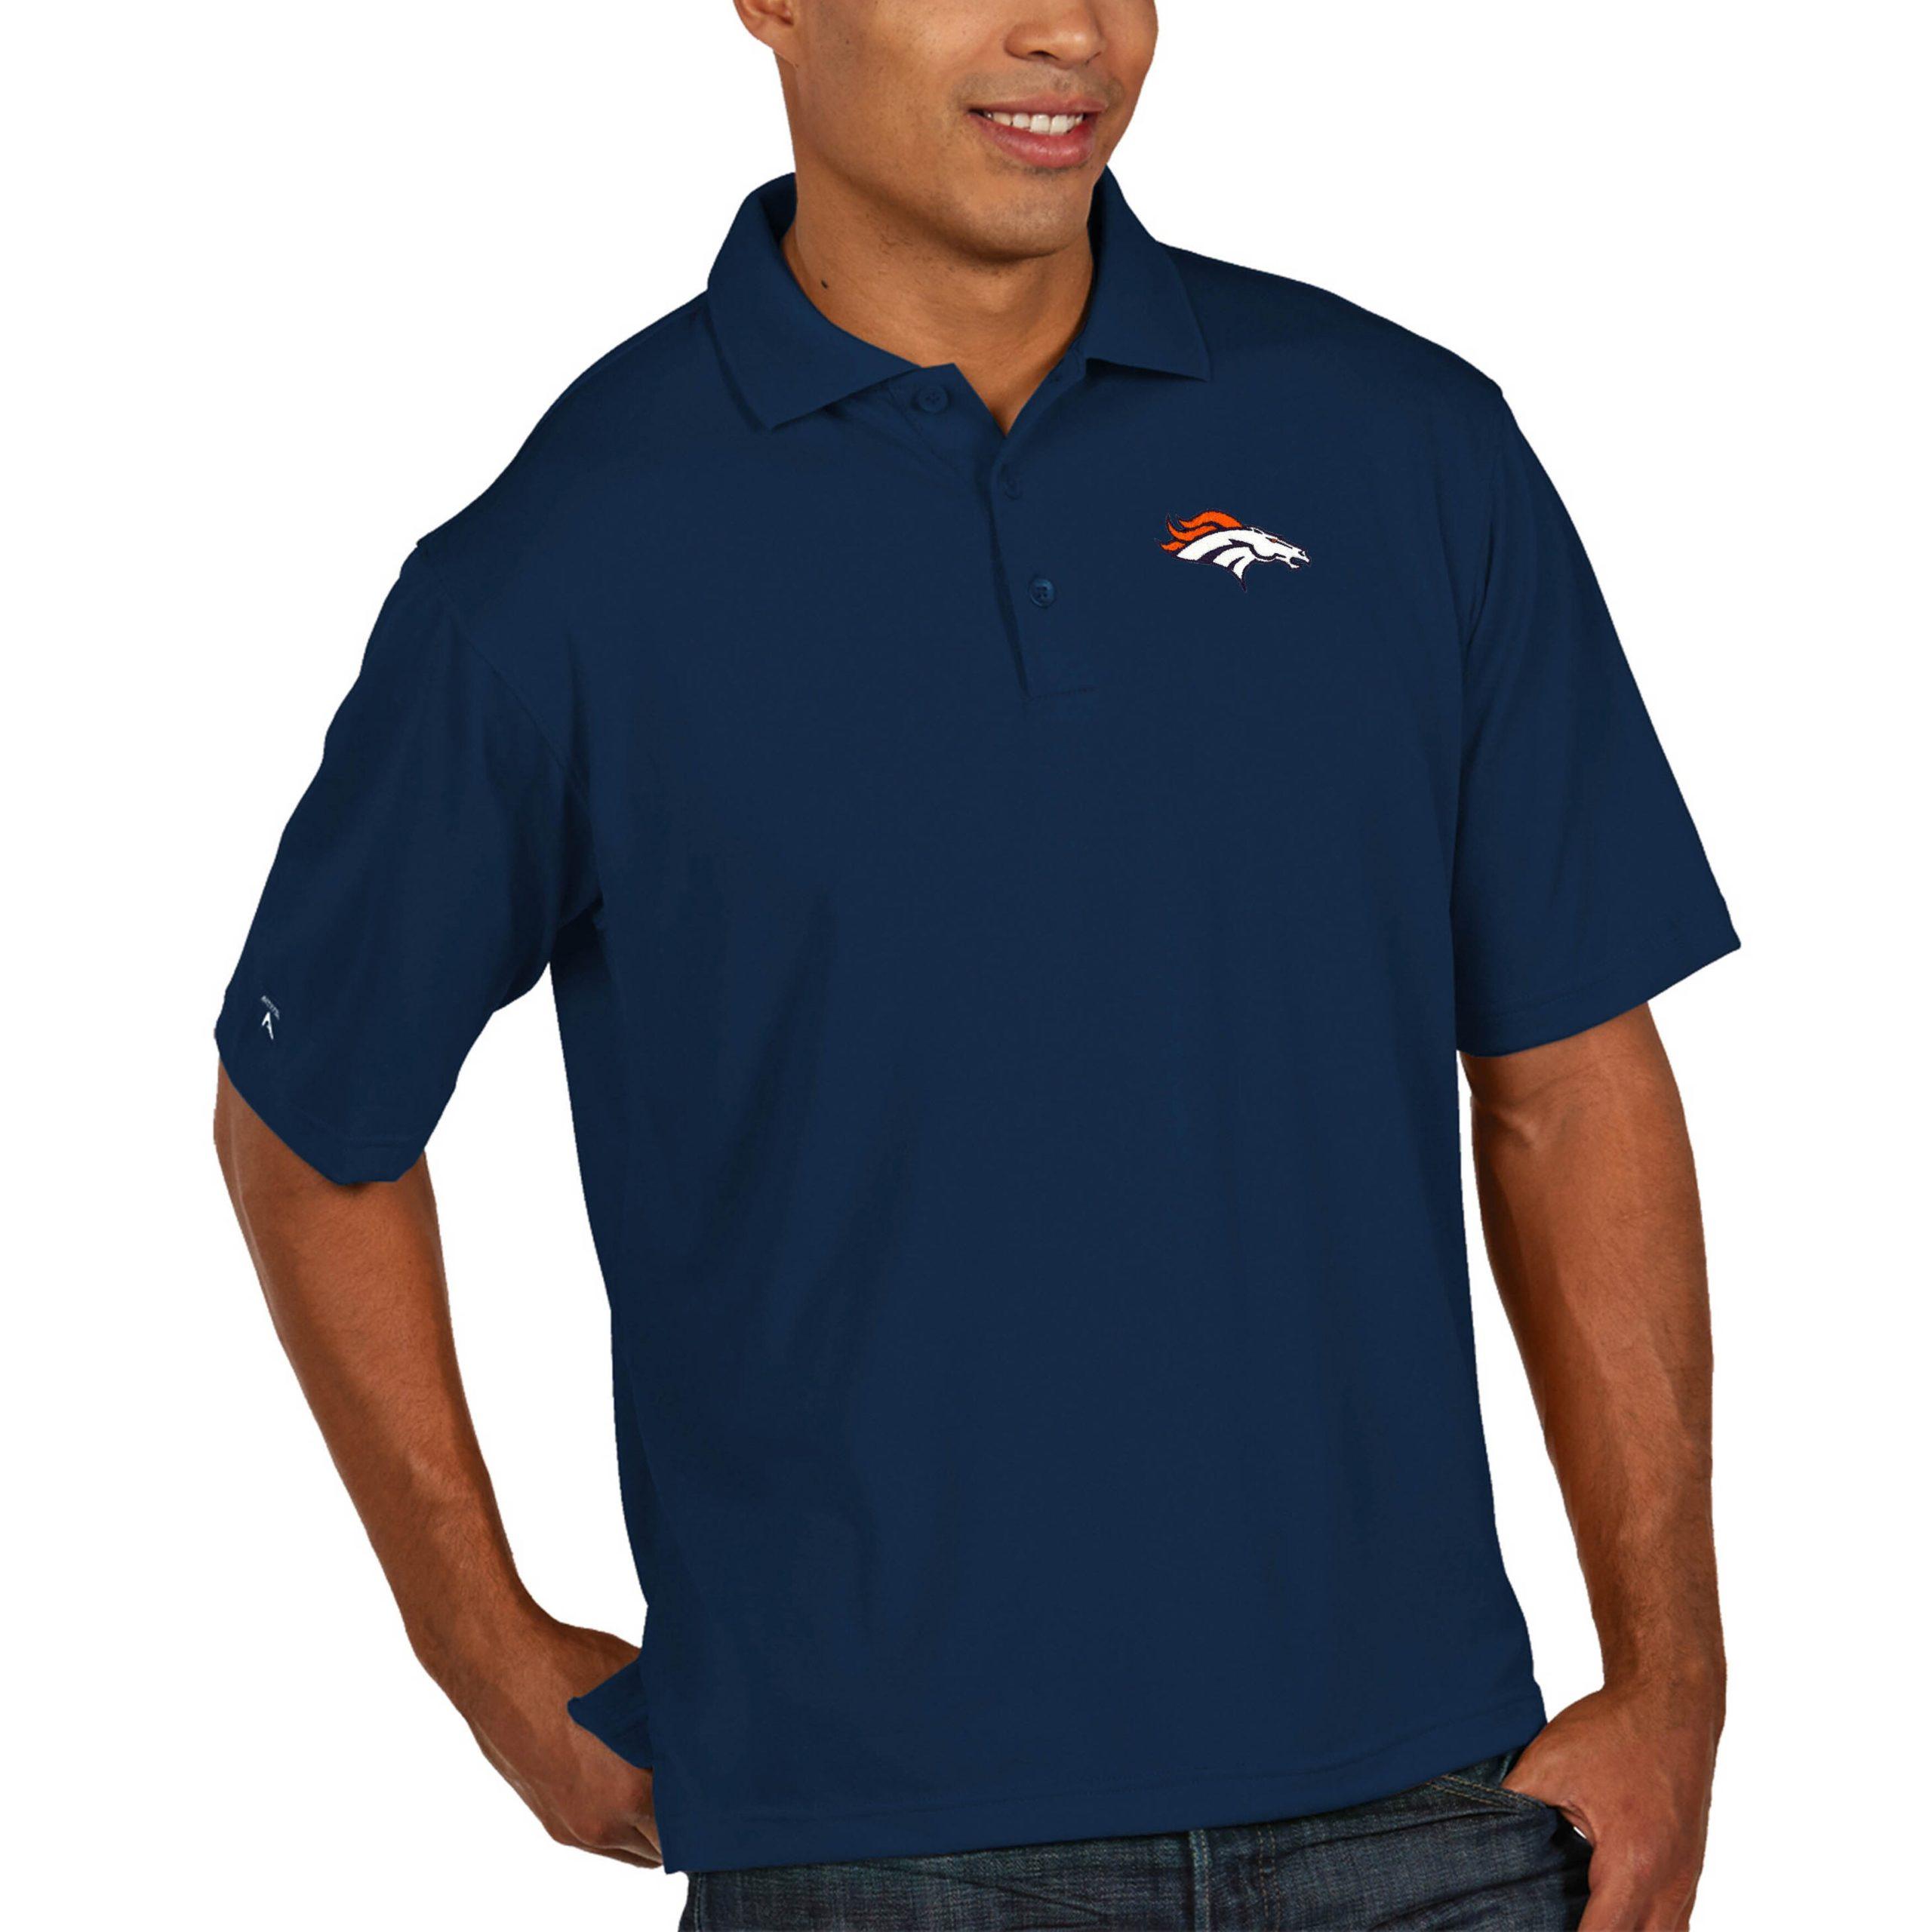 Denver Broncos Antigua Pique Xtra Lite Big & Tall Polo - Navy